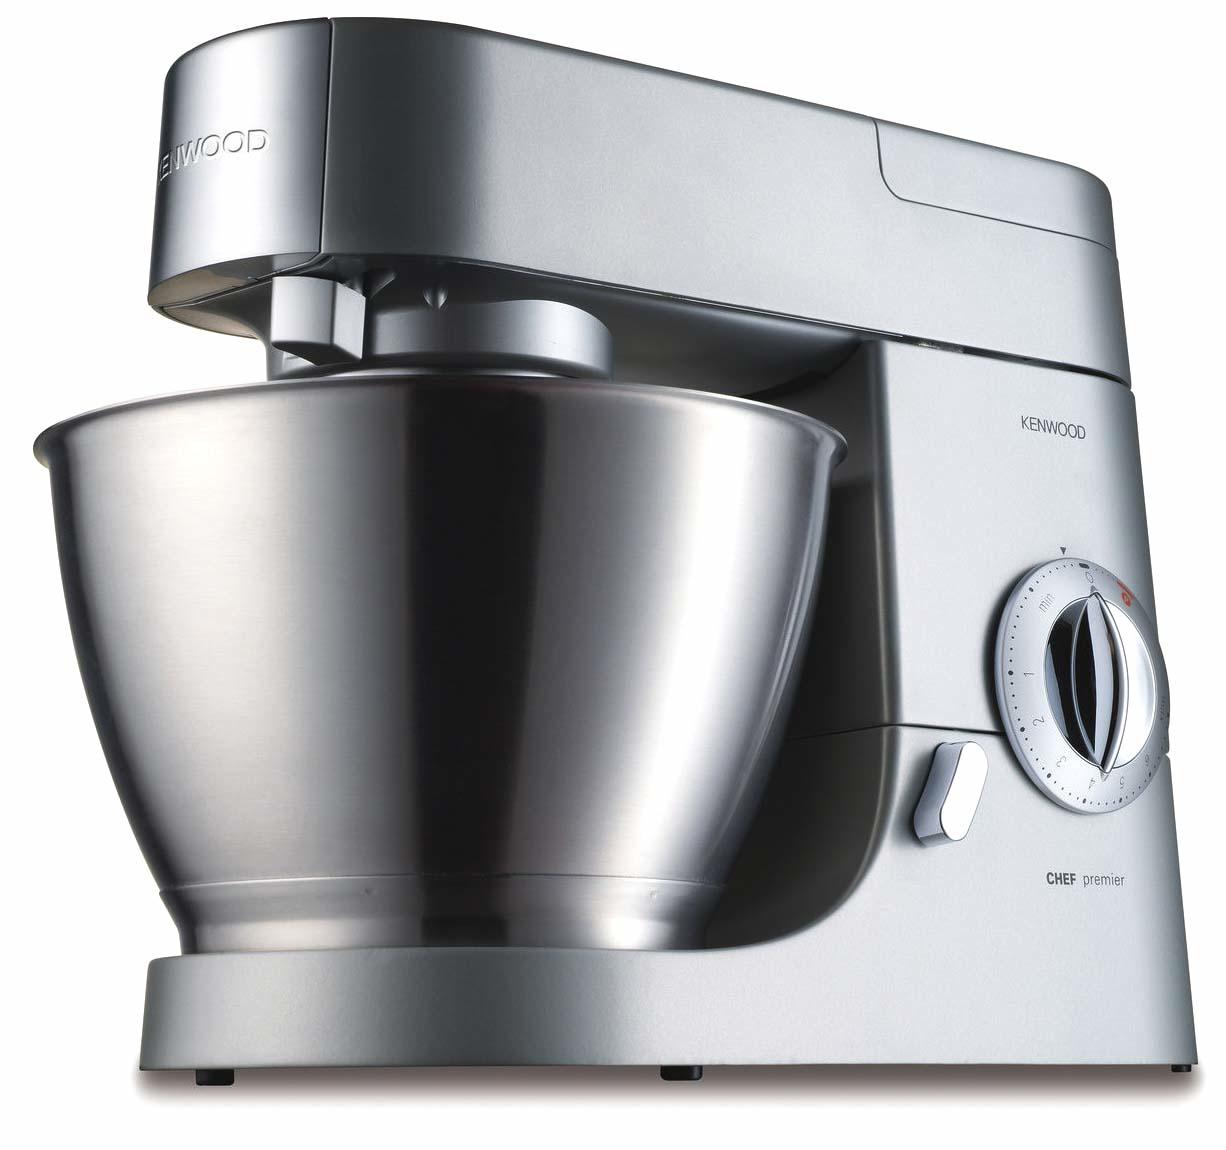 Recensione Kenwood Chef Premier KMC570 – Opinioni Robot da Cucina ...